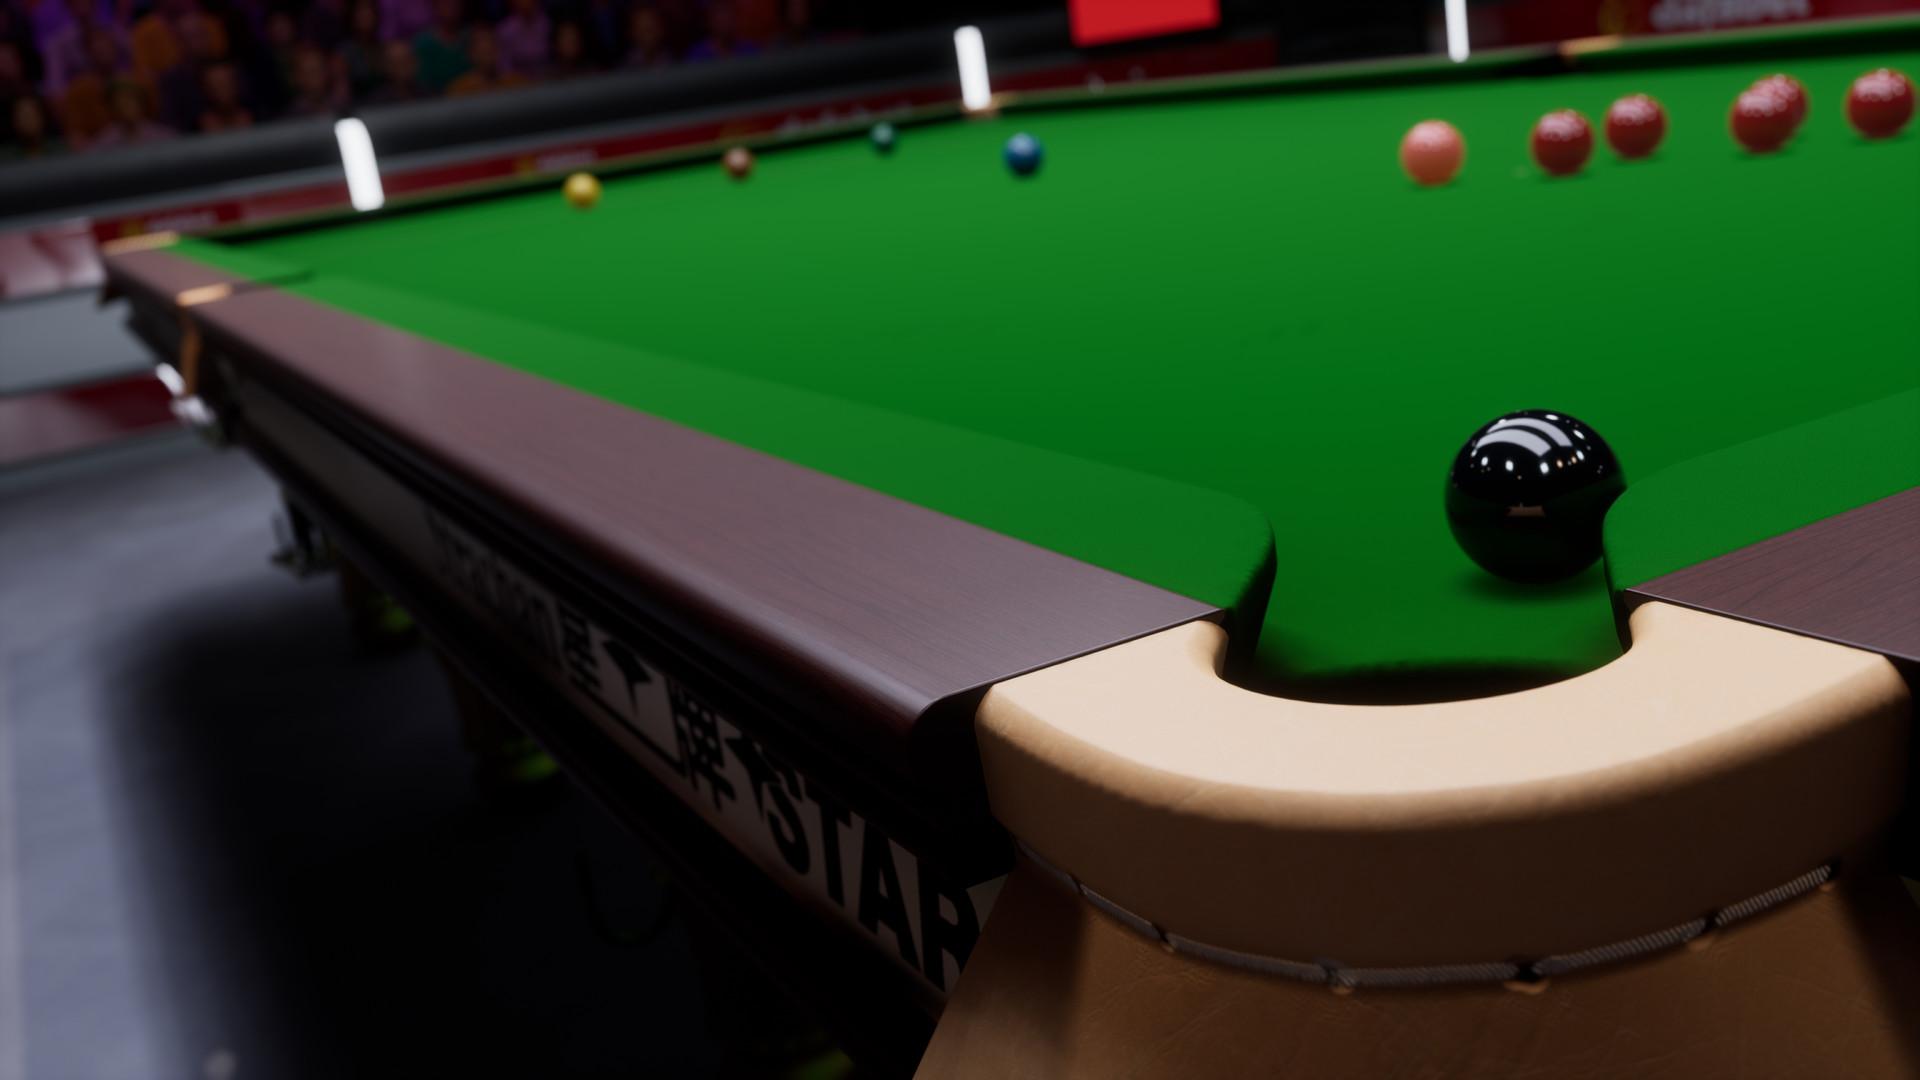 Snooker Crack 19 v1.2 + Full Version For PC [Latest] 2022